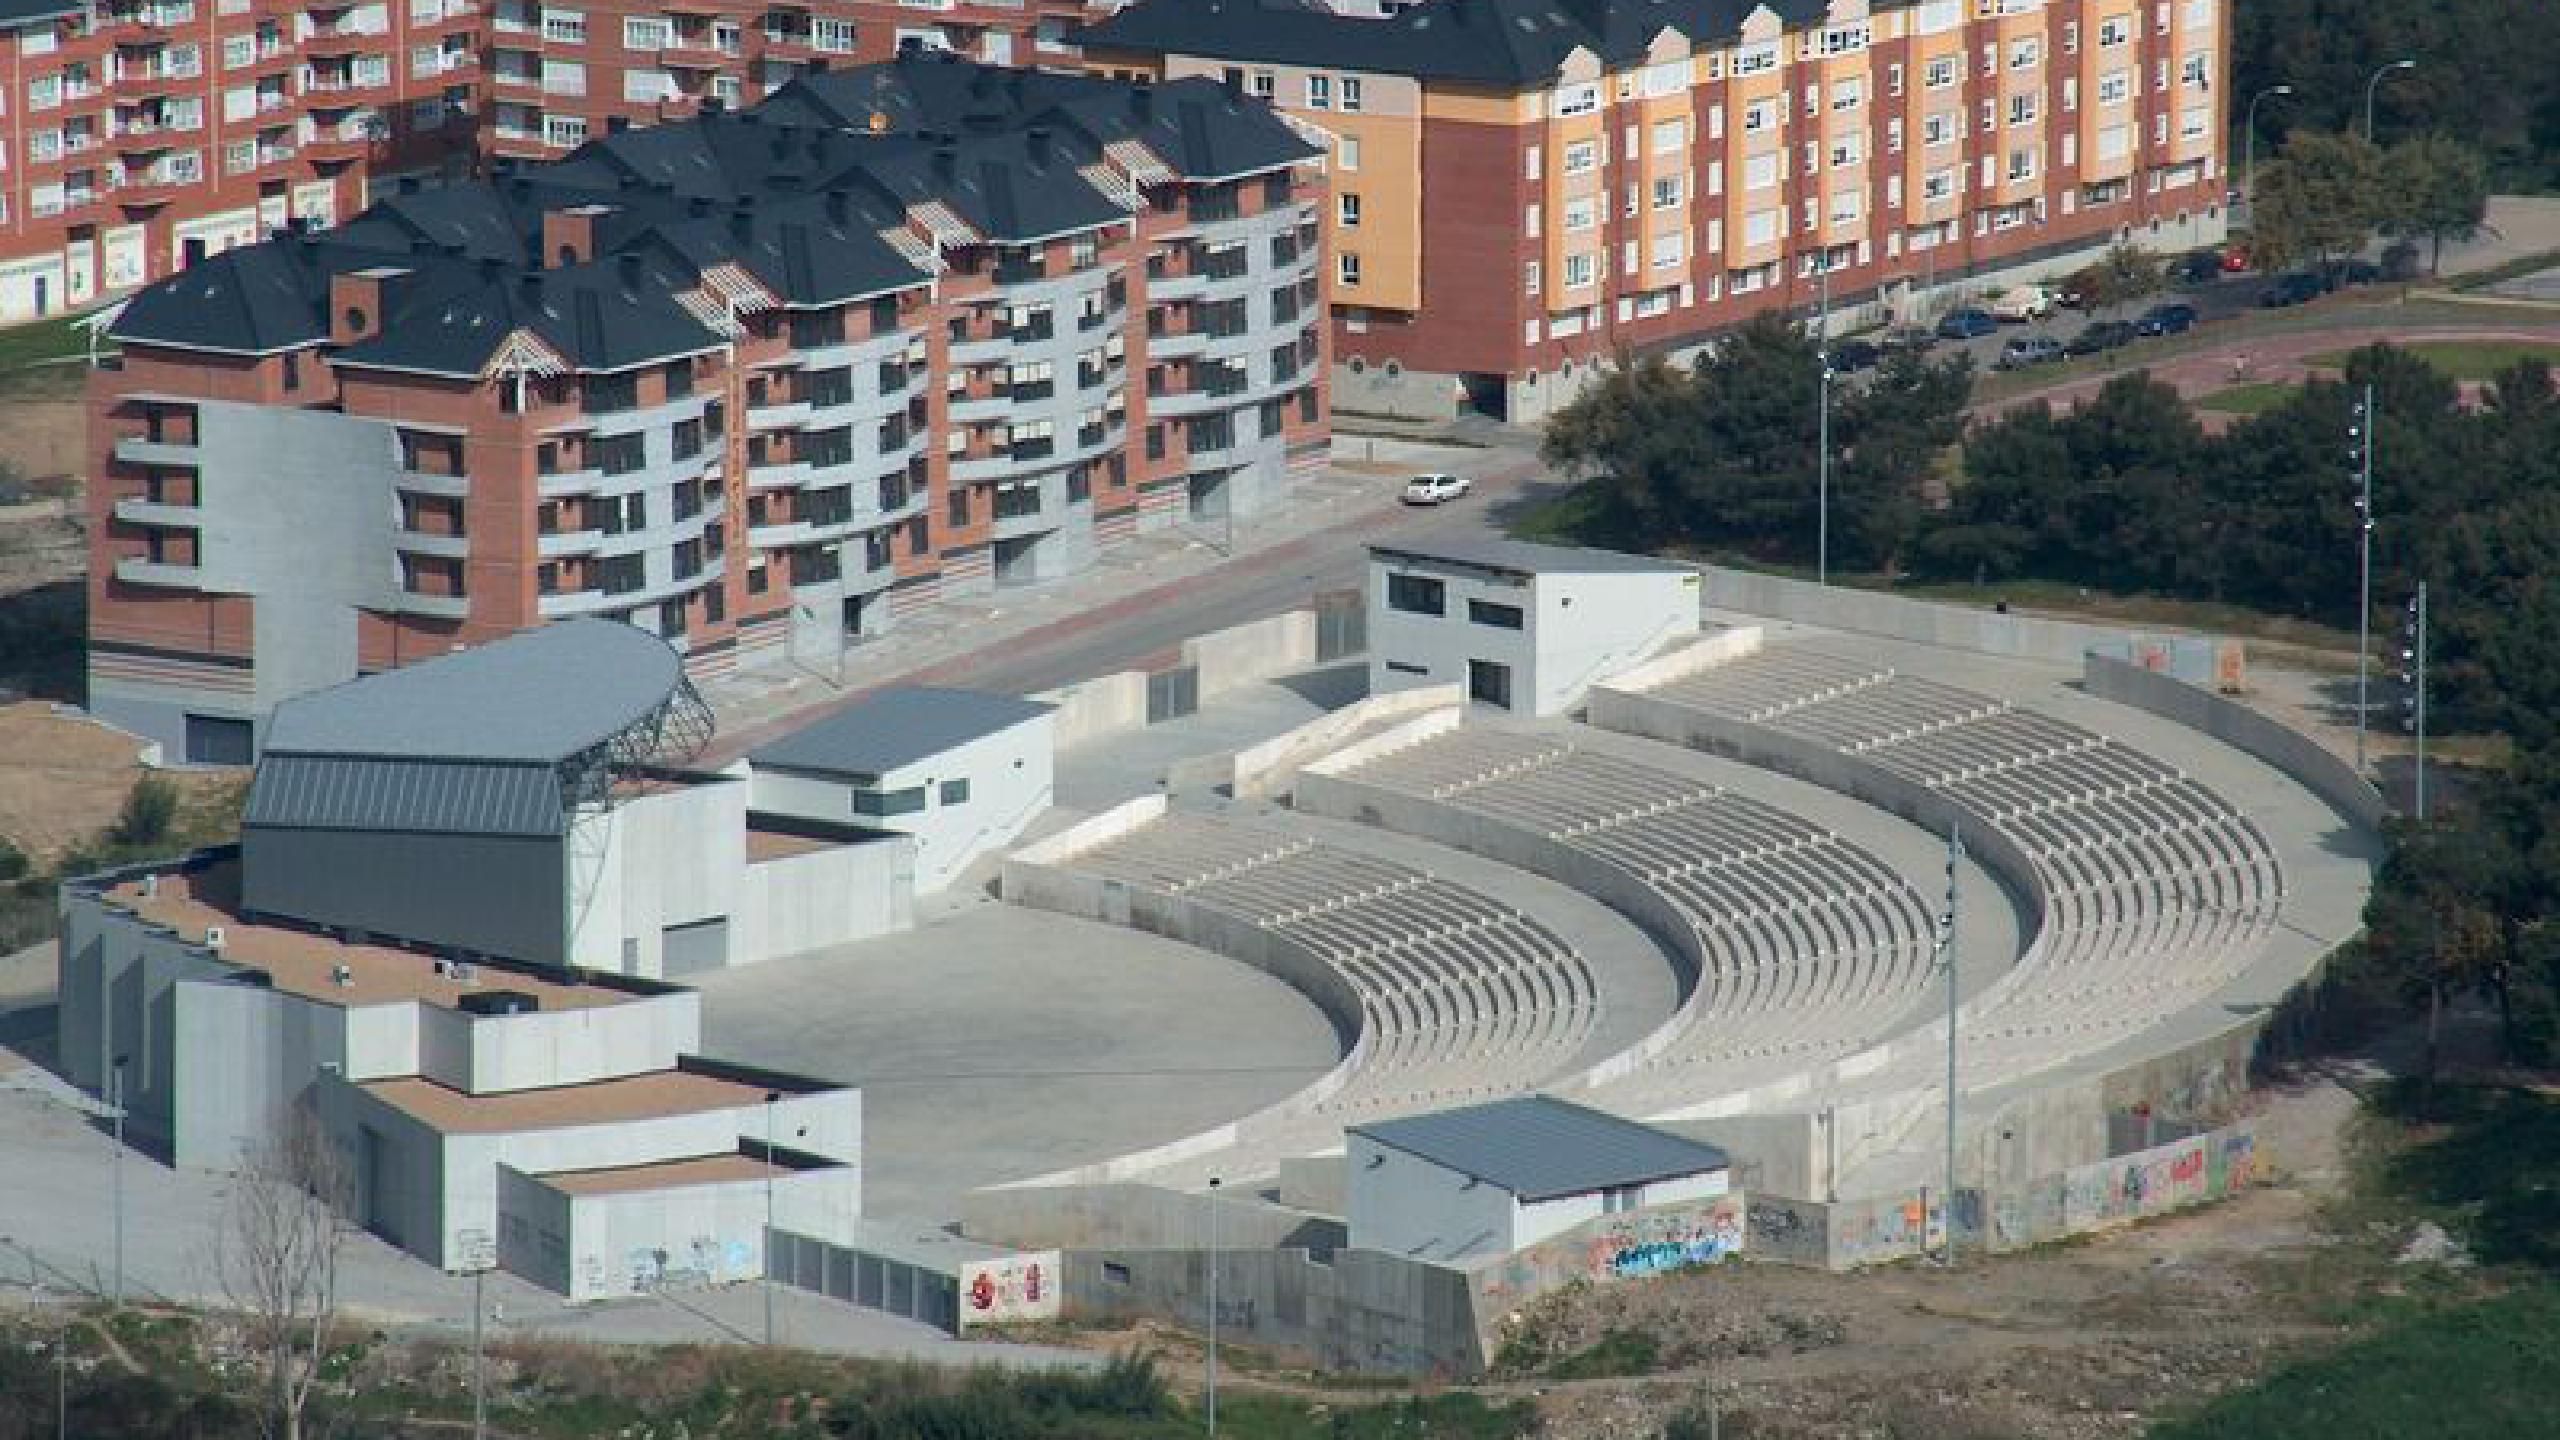 El miércoles comienza el cine de verano en el Auditorio Municipal de Ponferrada 1